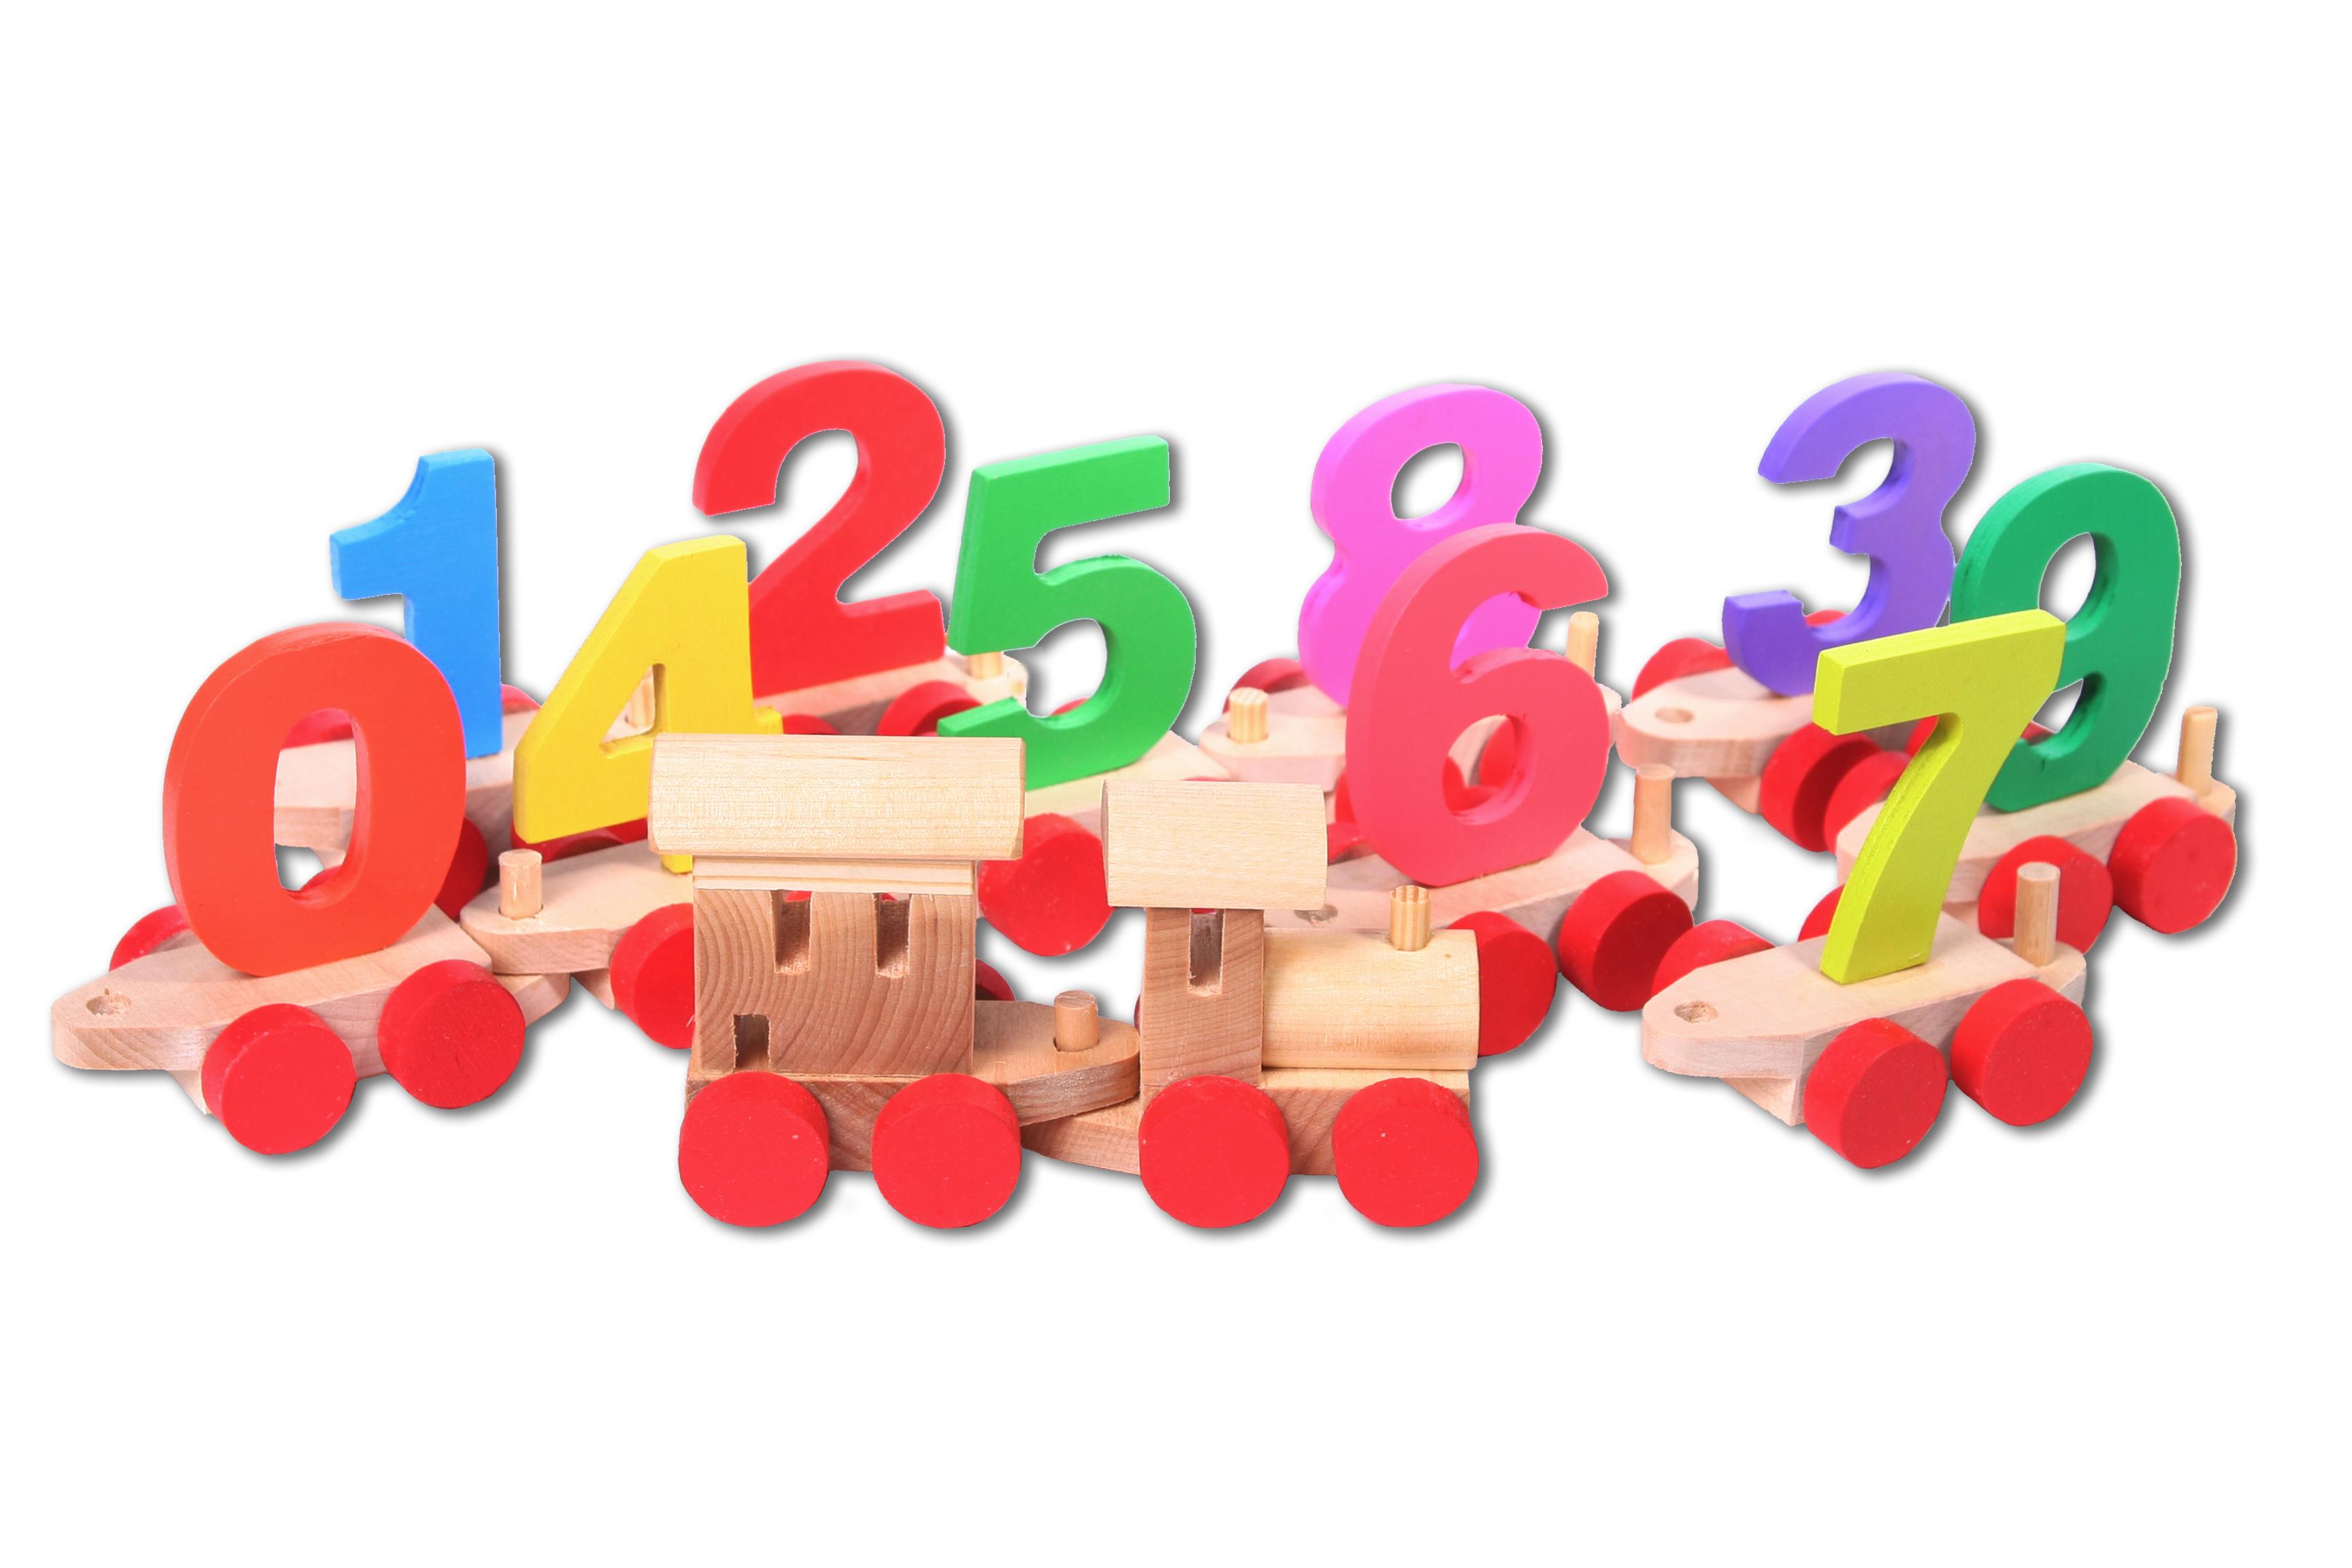 Купить Paremo Деревянный паровозик с цифрами, в пакете, Россия